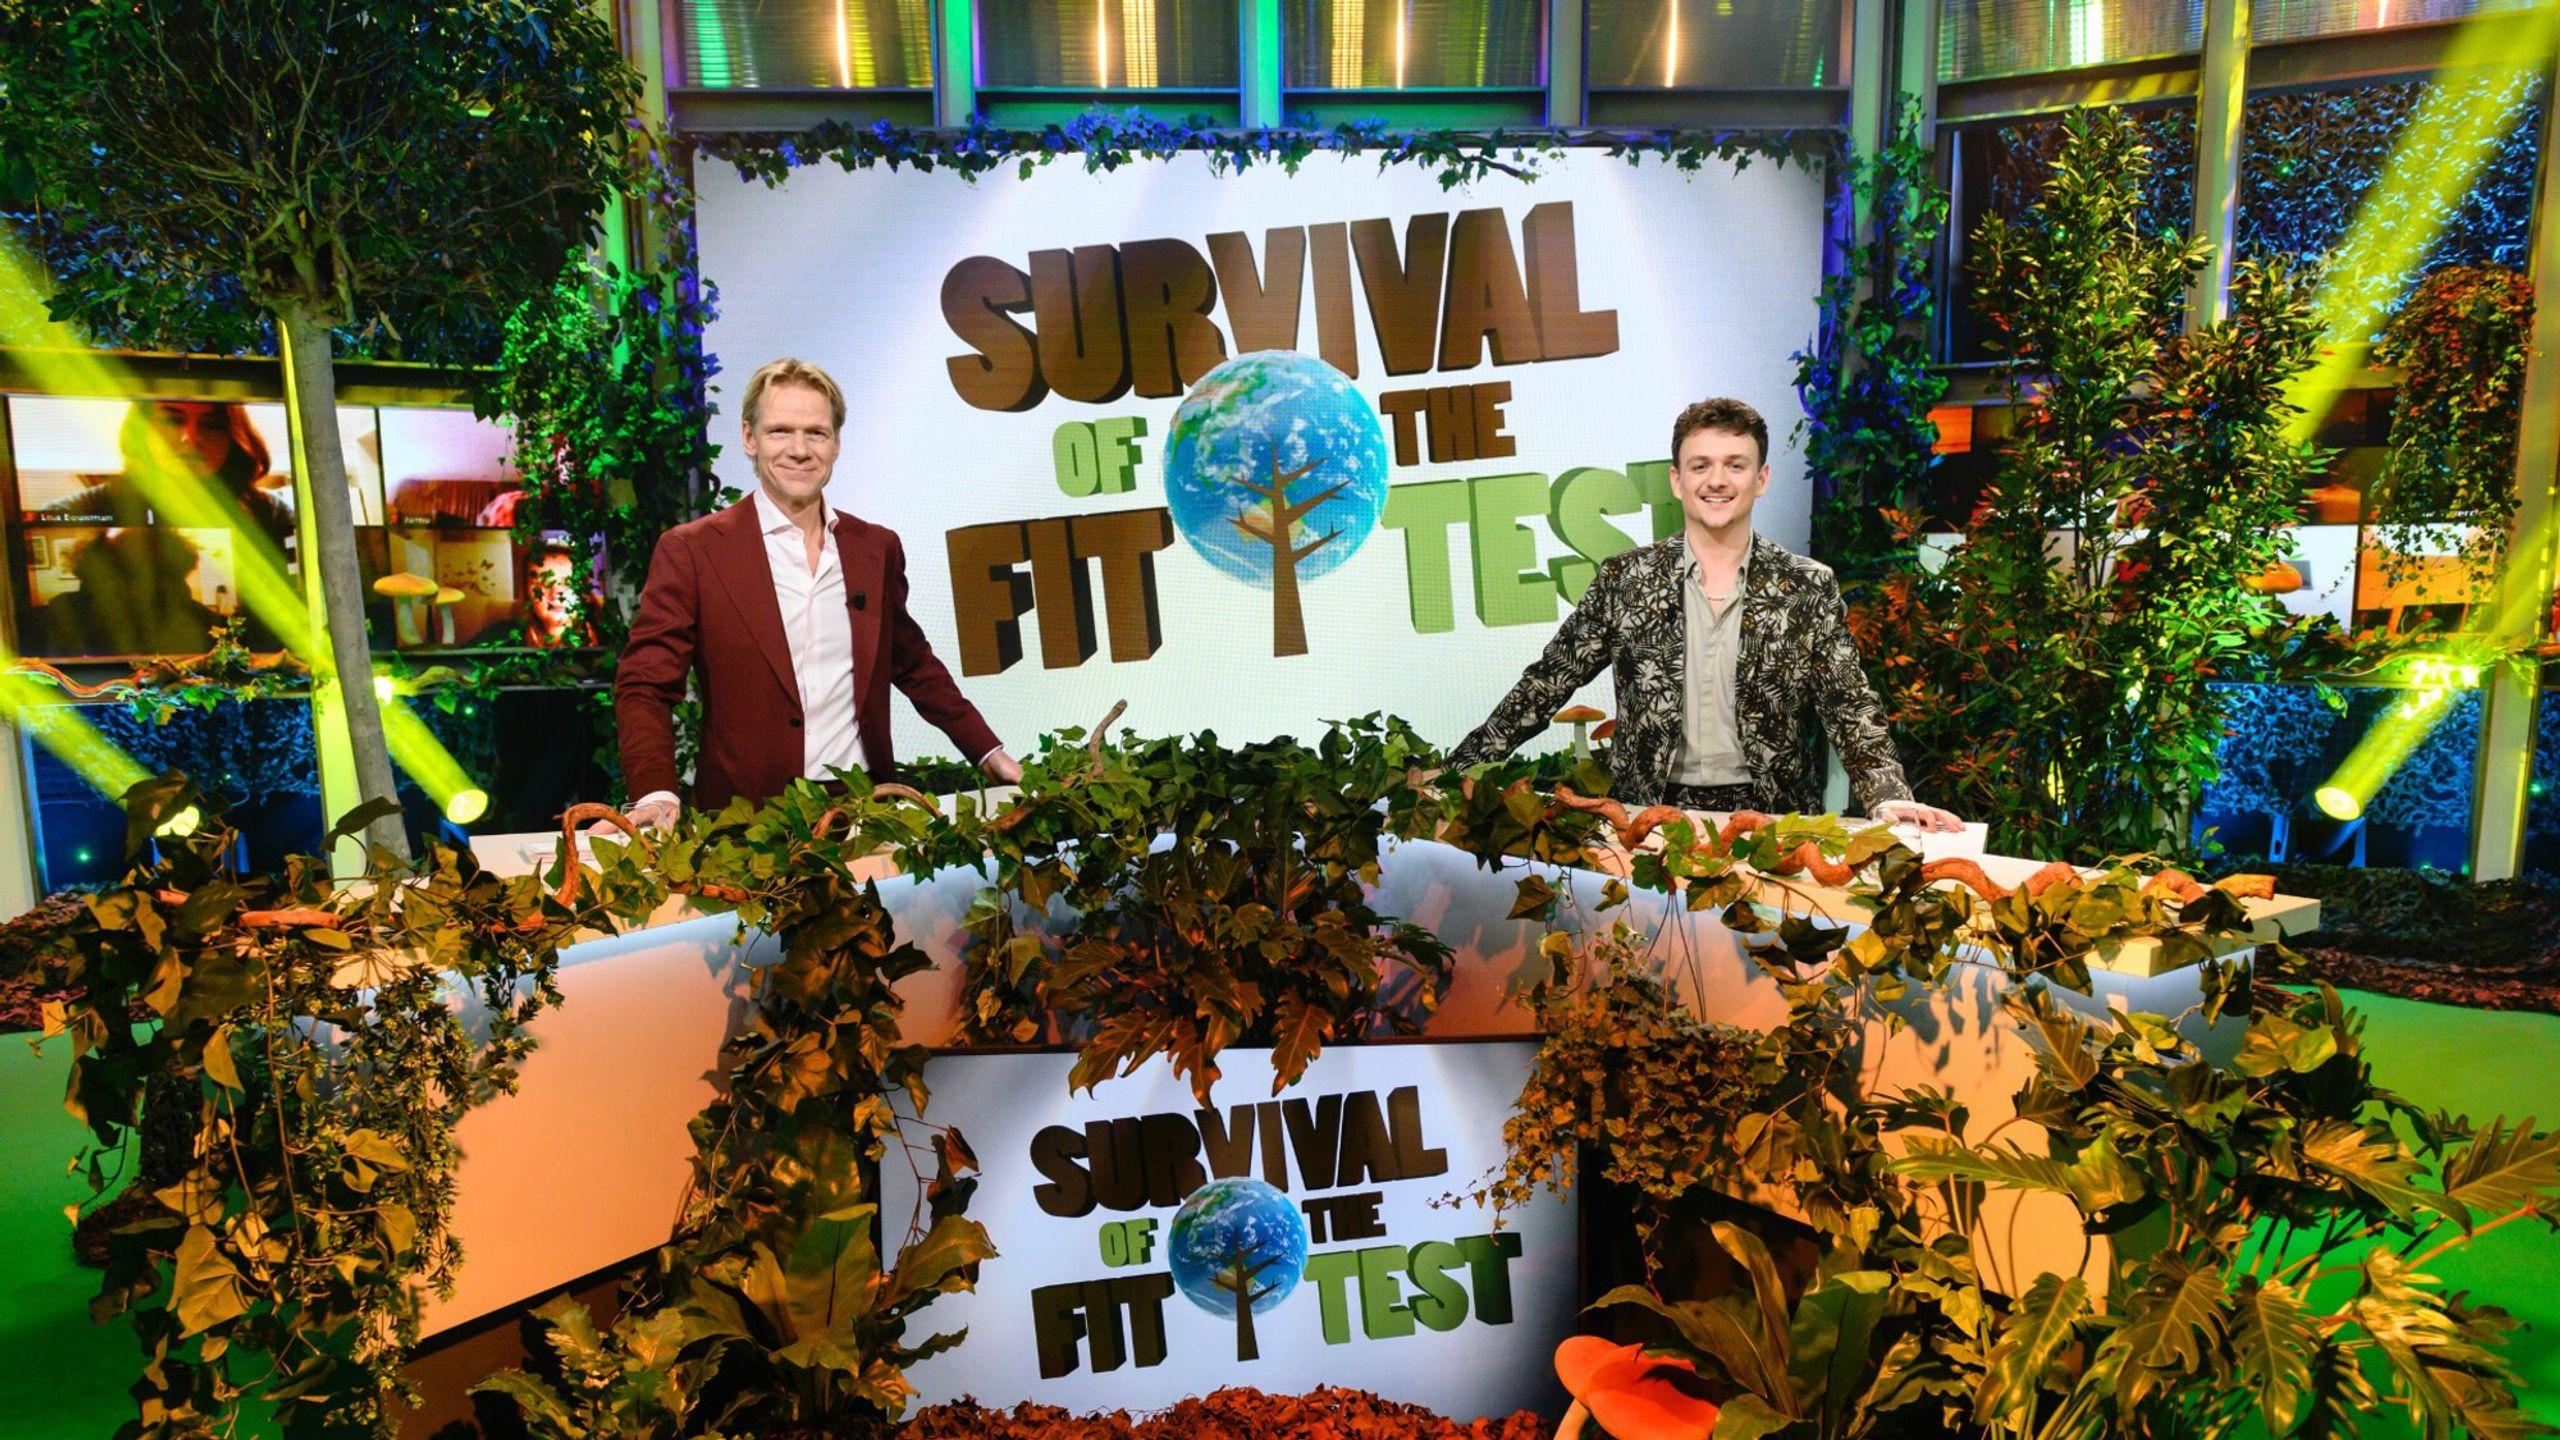 De Survival of the Fit-Test